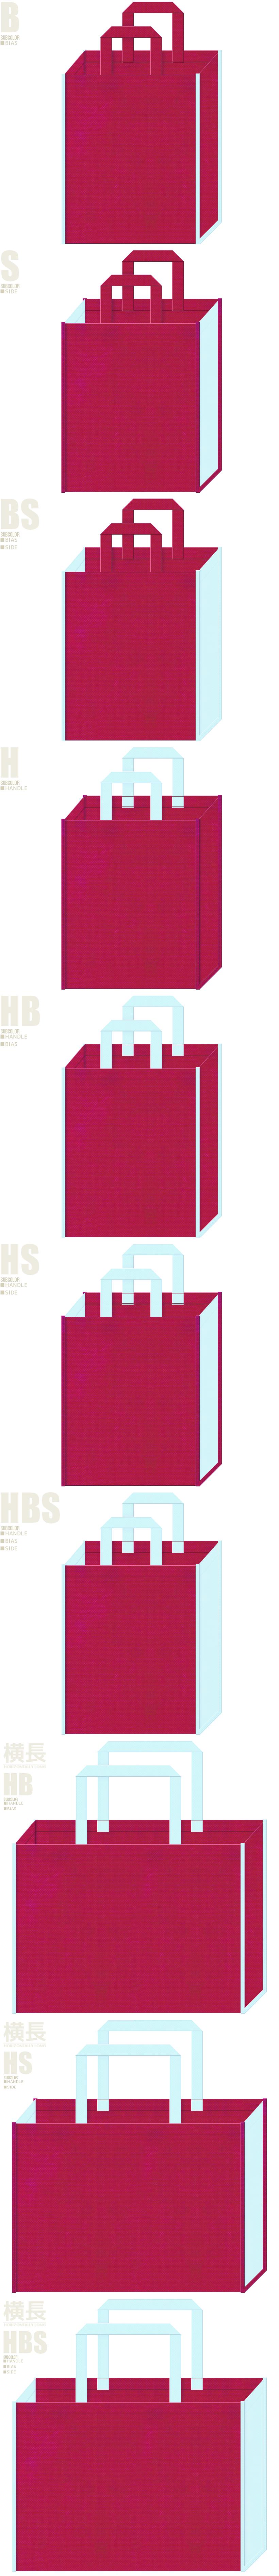 濃いピンク色と水色、7パターンの不織布トートバッグ配色デザイン例。美容セミナー・コスメセミナーの資料配布用